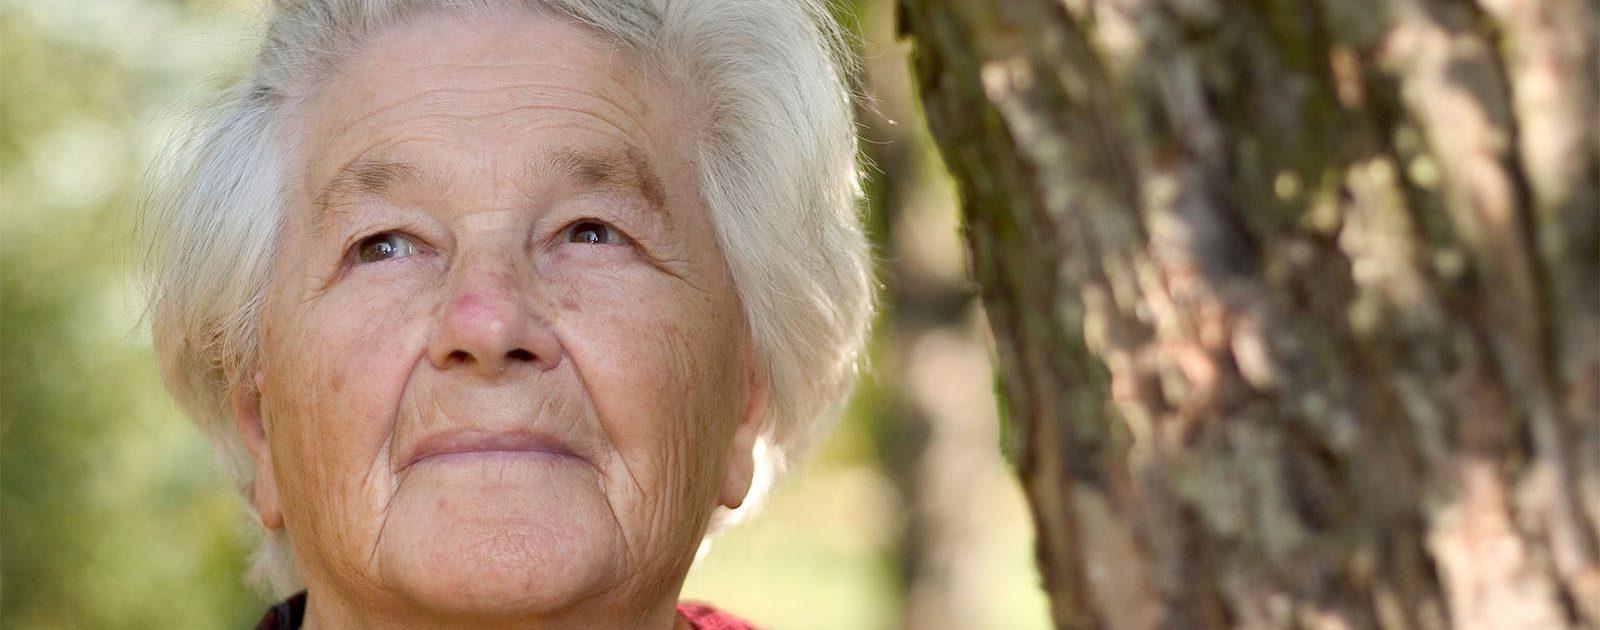 Ältere Dame möchte einen Mangel an Vitamin B12 vermeiden, um Demenz vorzubeugen.